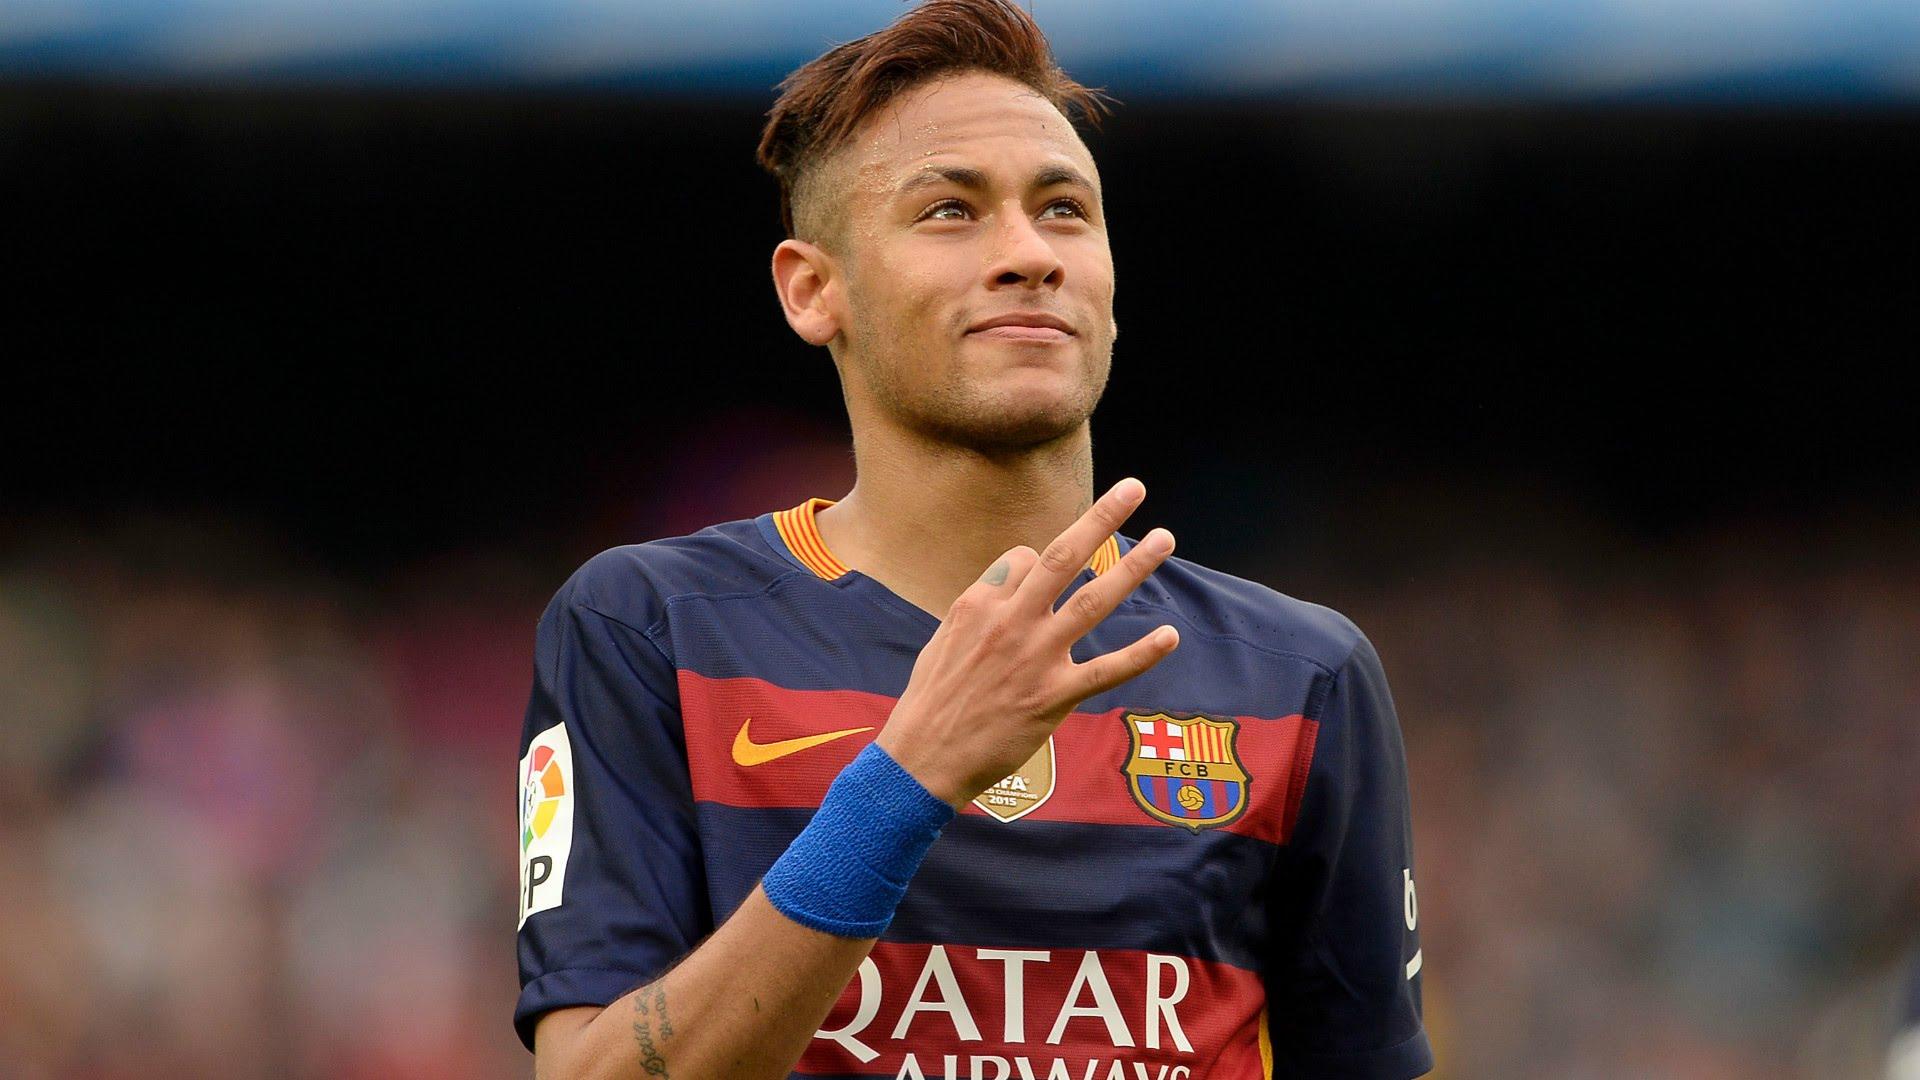 Juez español decide enjuiciar a Neymar por contrato fraudulento